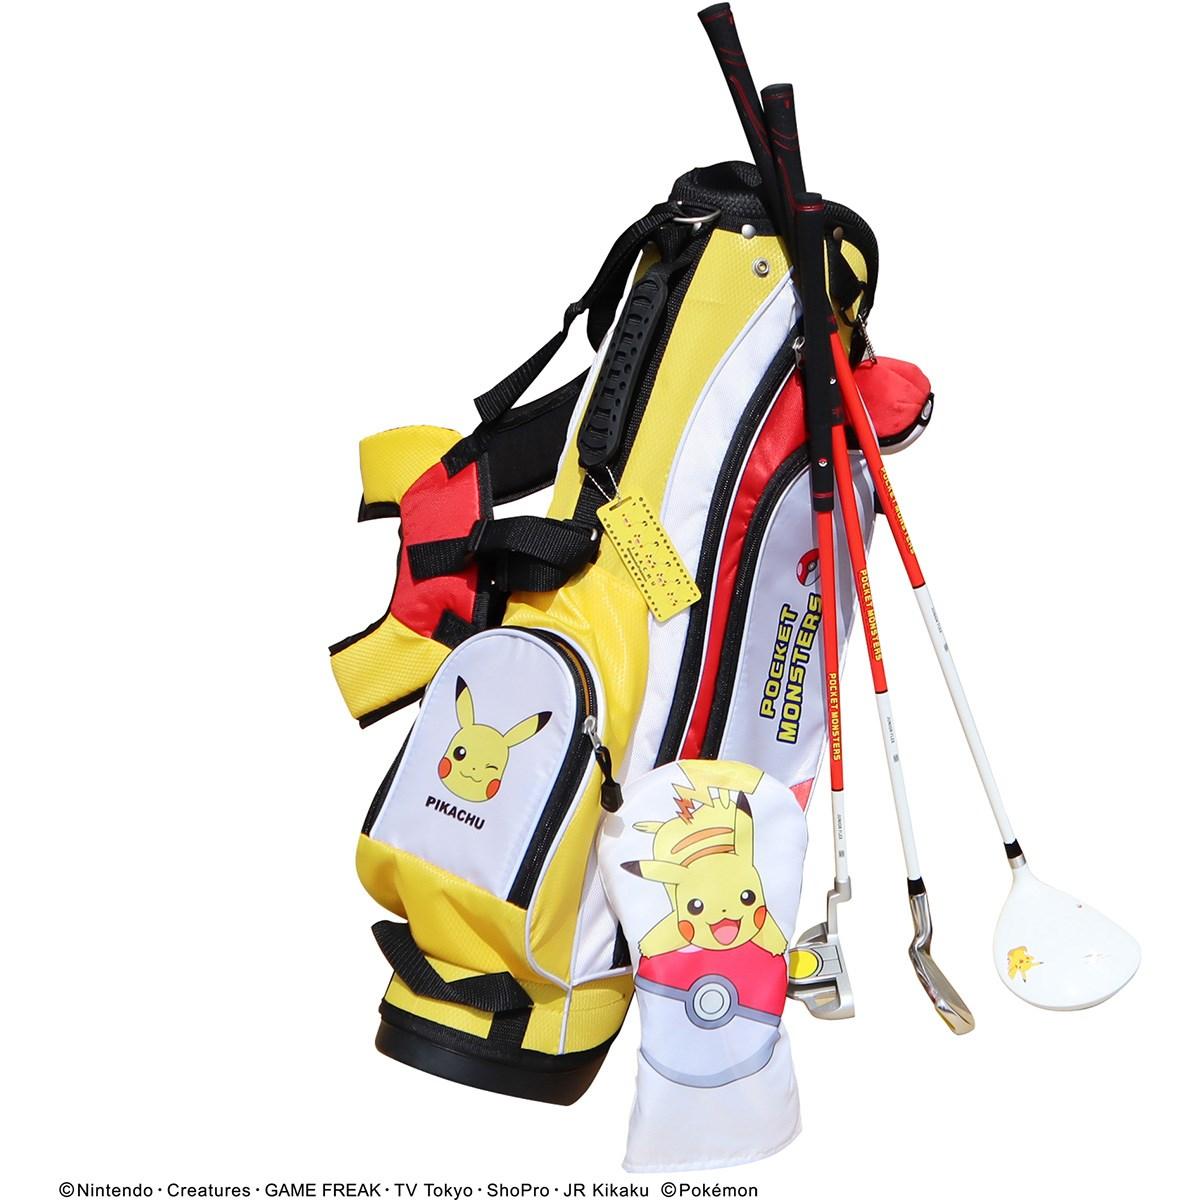 ポケットモンスタークラブセット(3本セット) 3-6歳用 JR イエロー ジュニア